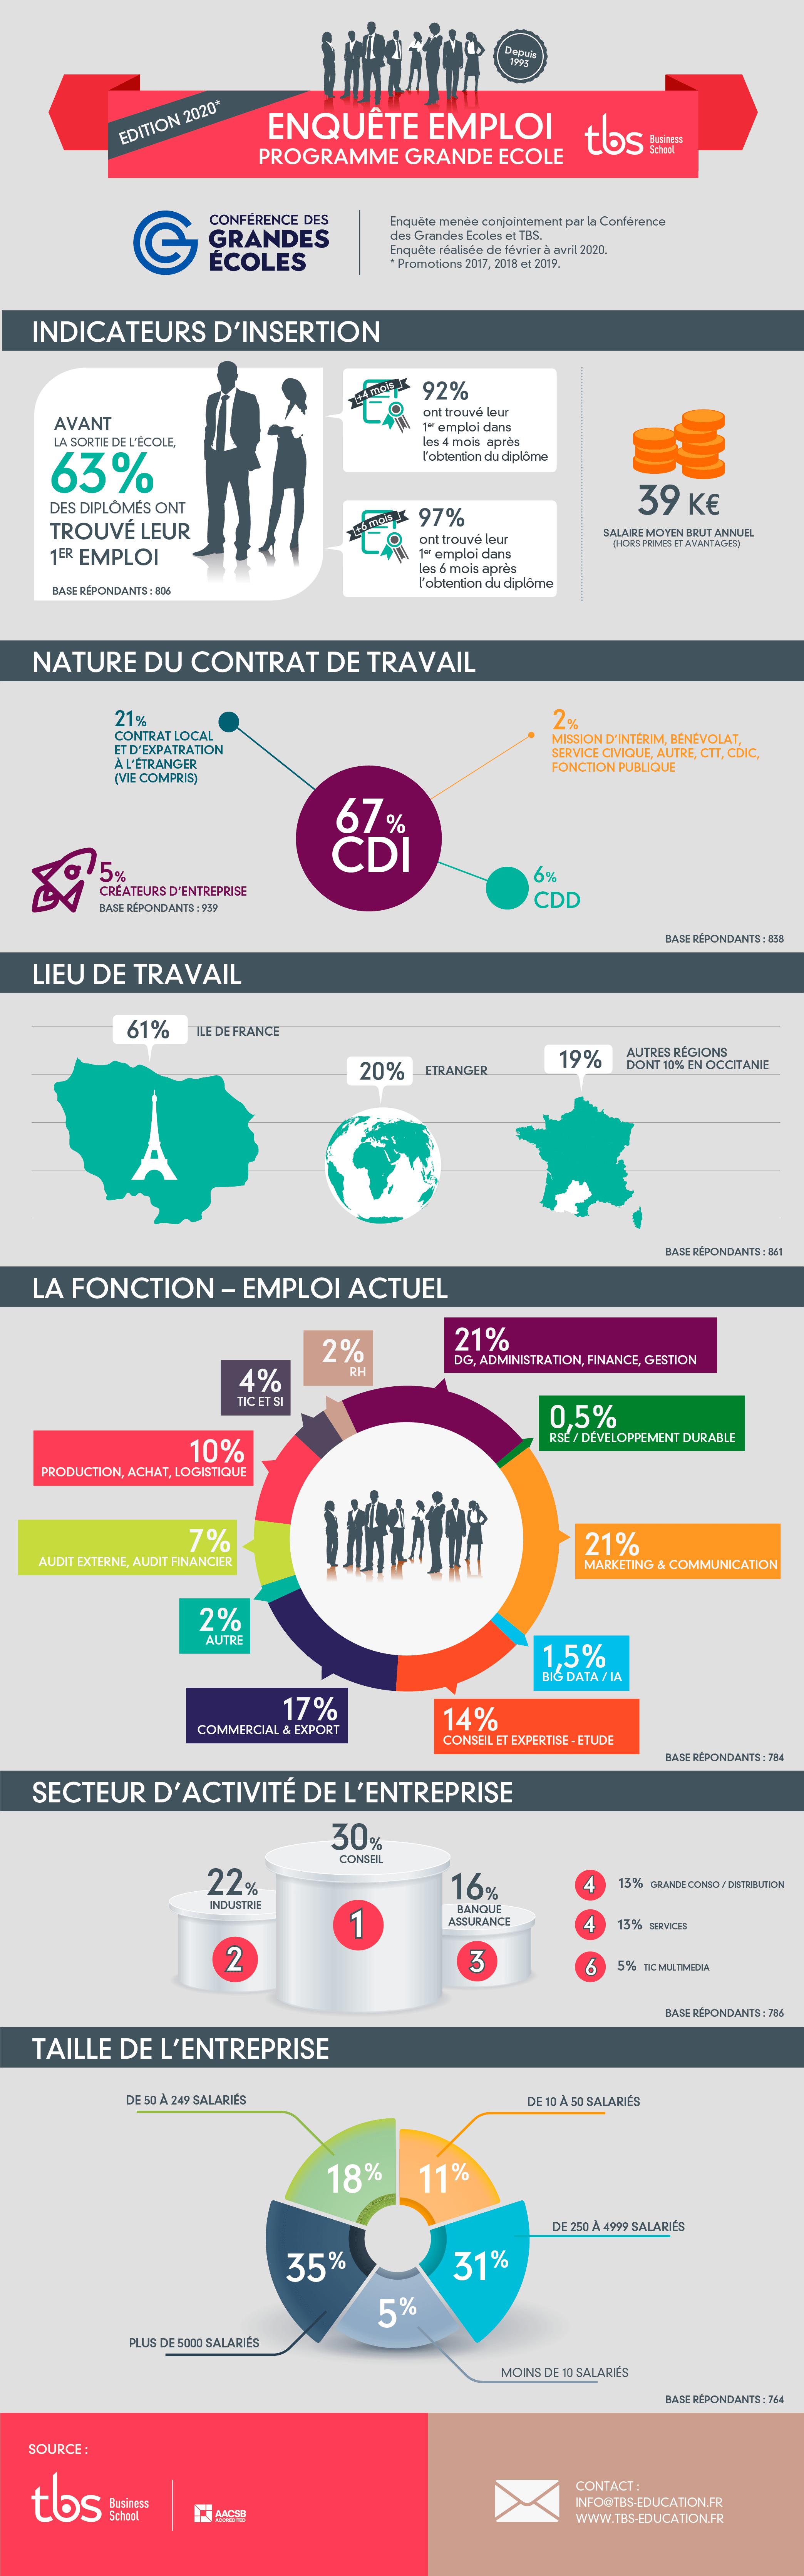 Tbs Enquete Emploi 2020